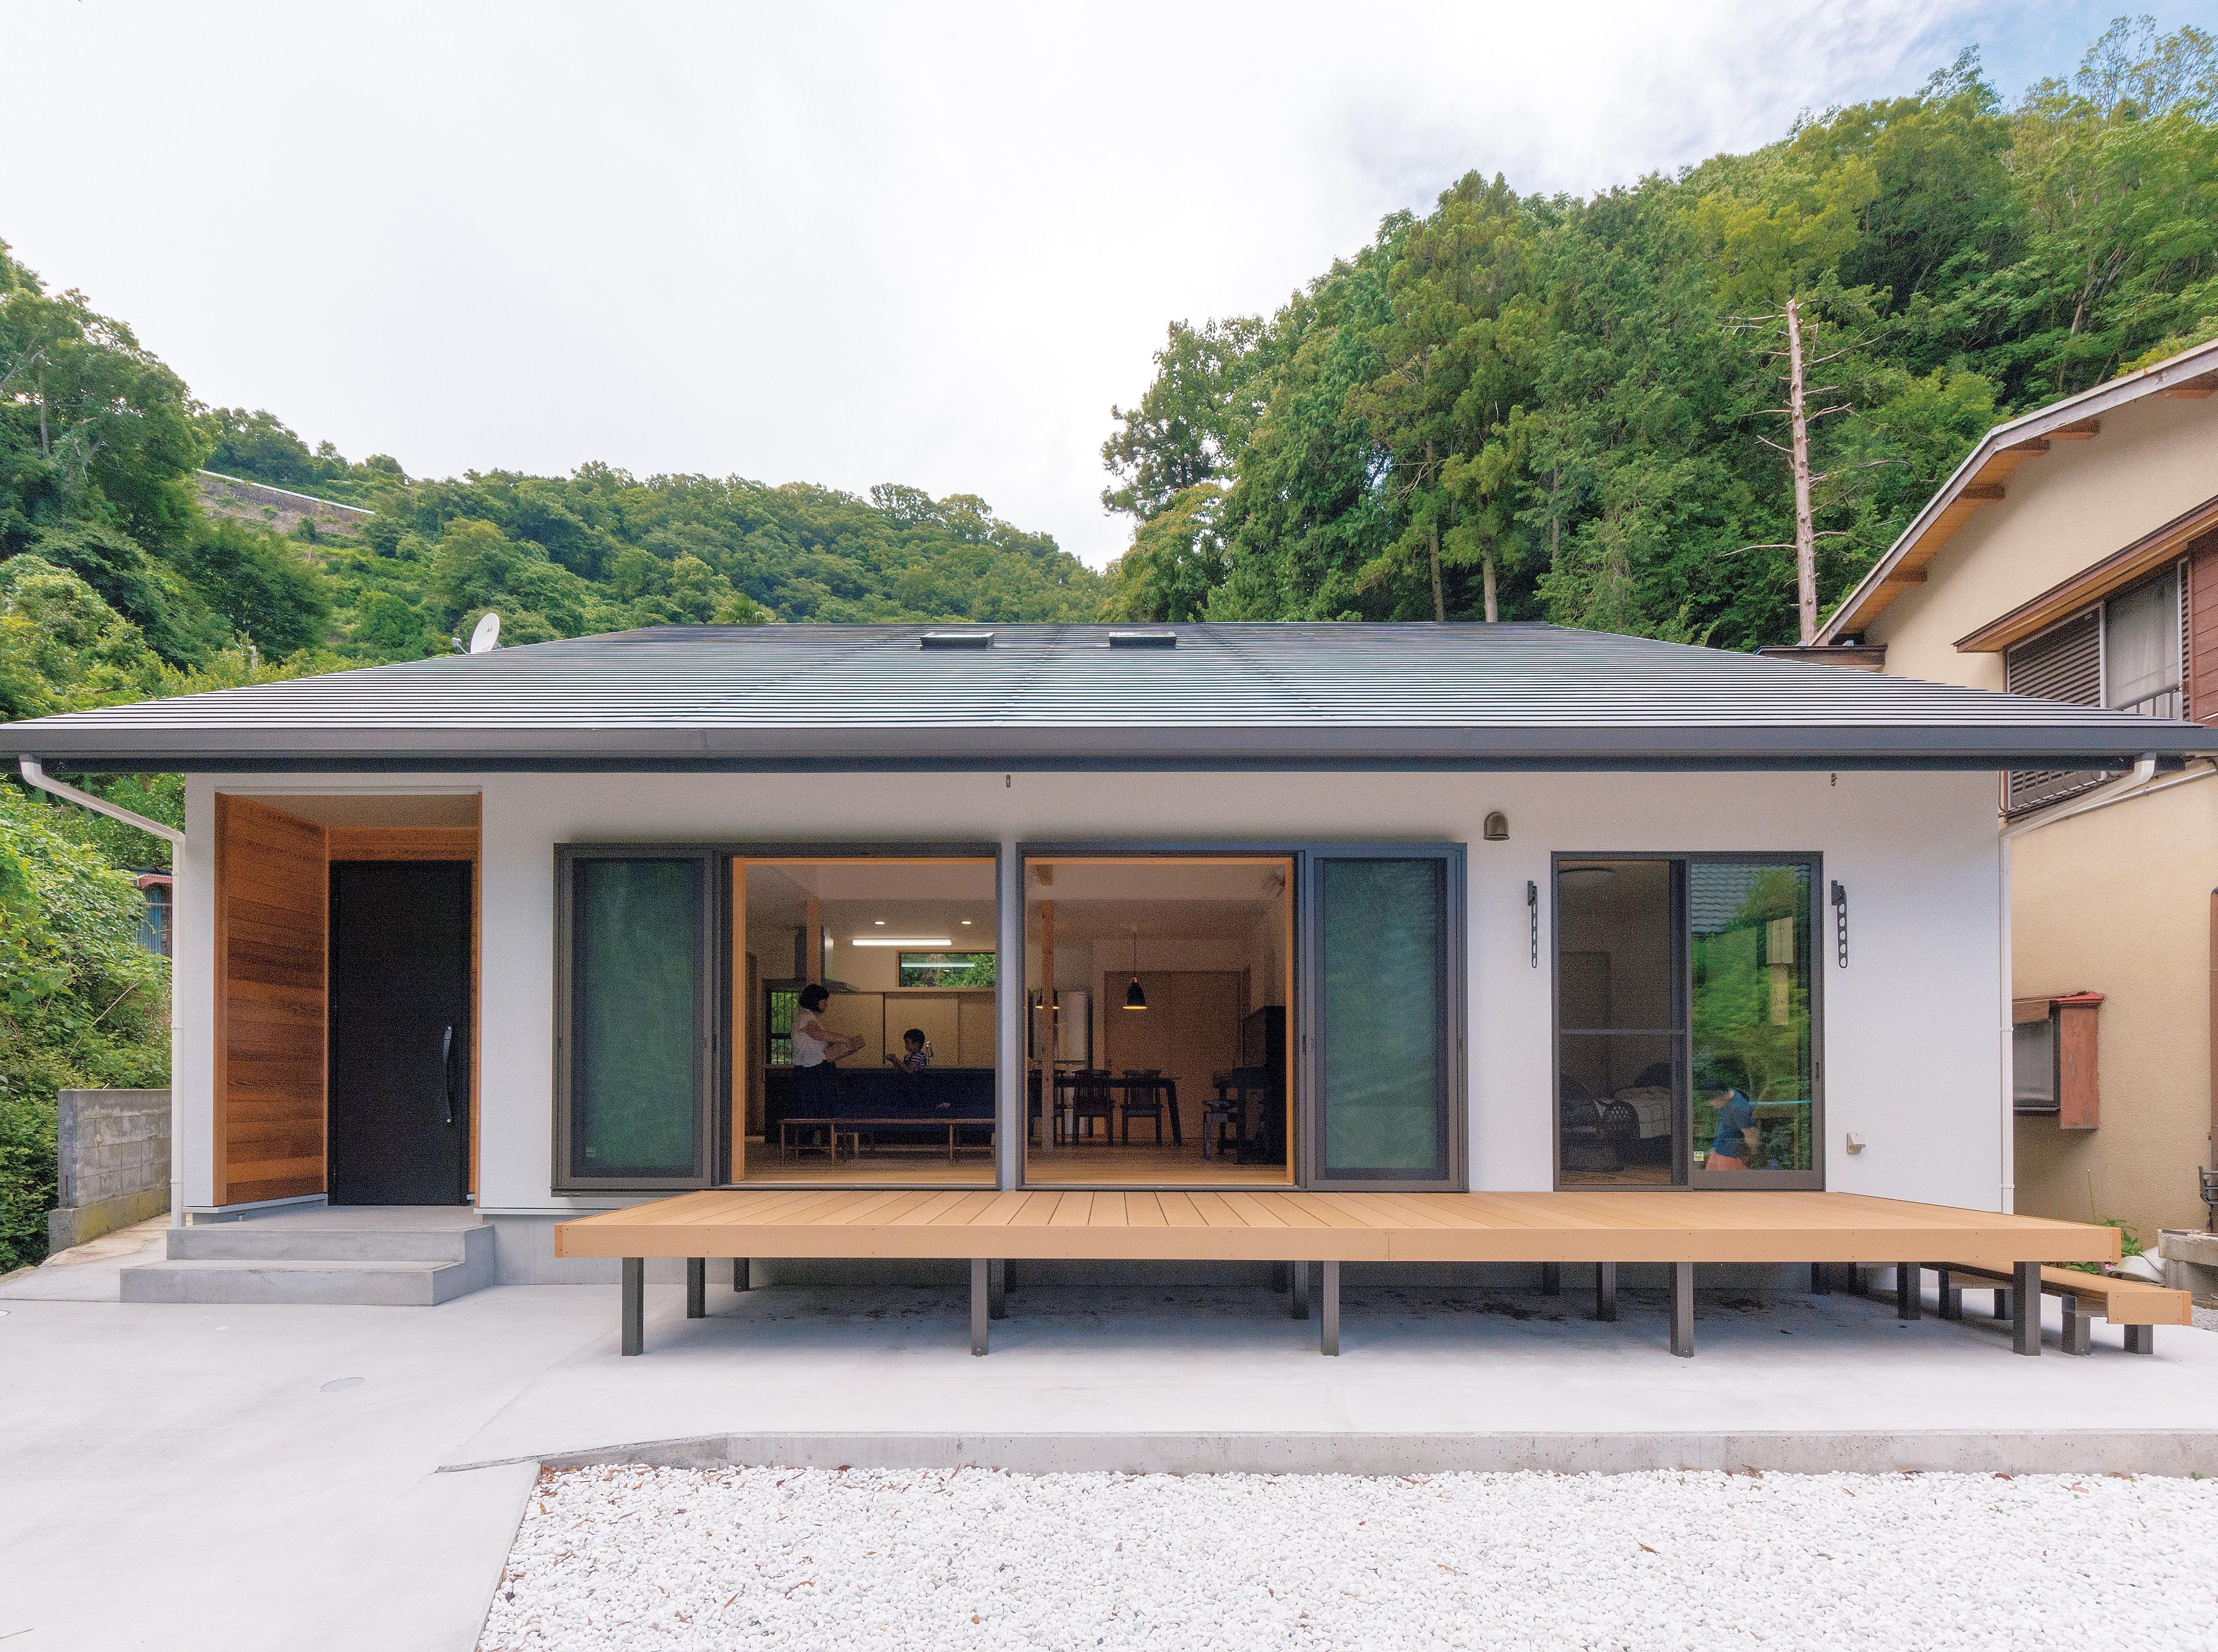 夏の暑さをしのぎ、冬はあったか。長い軒がある、片流れの屋根の家